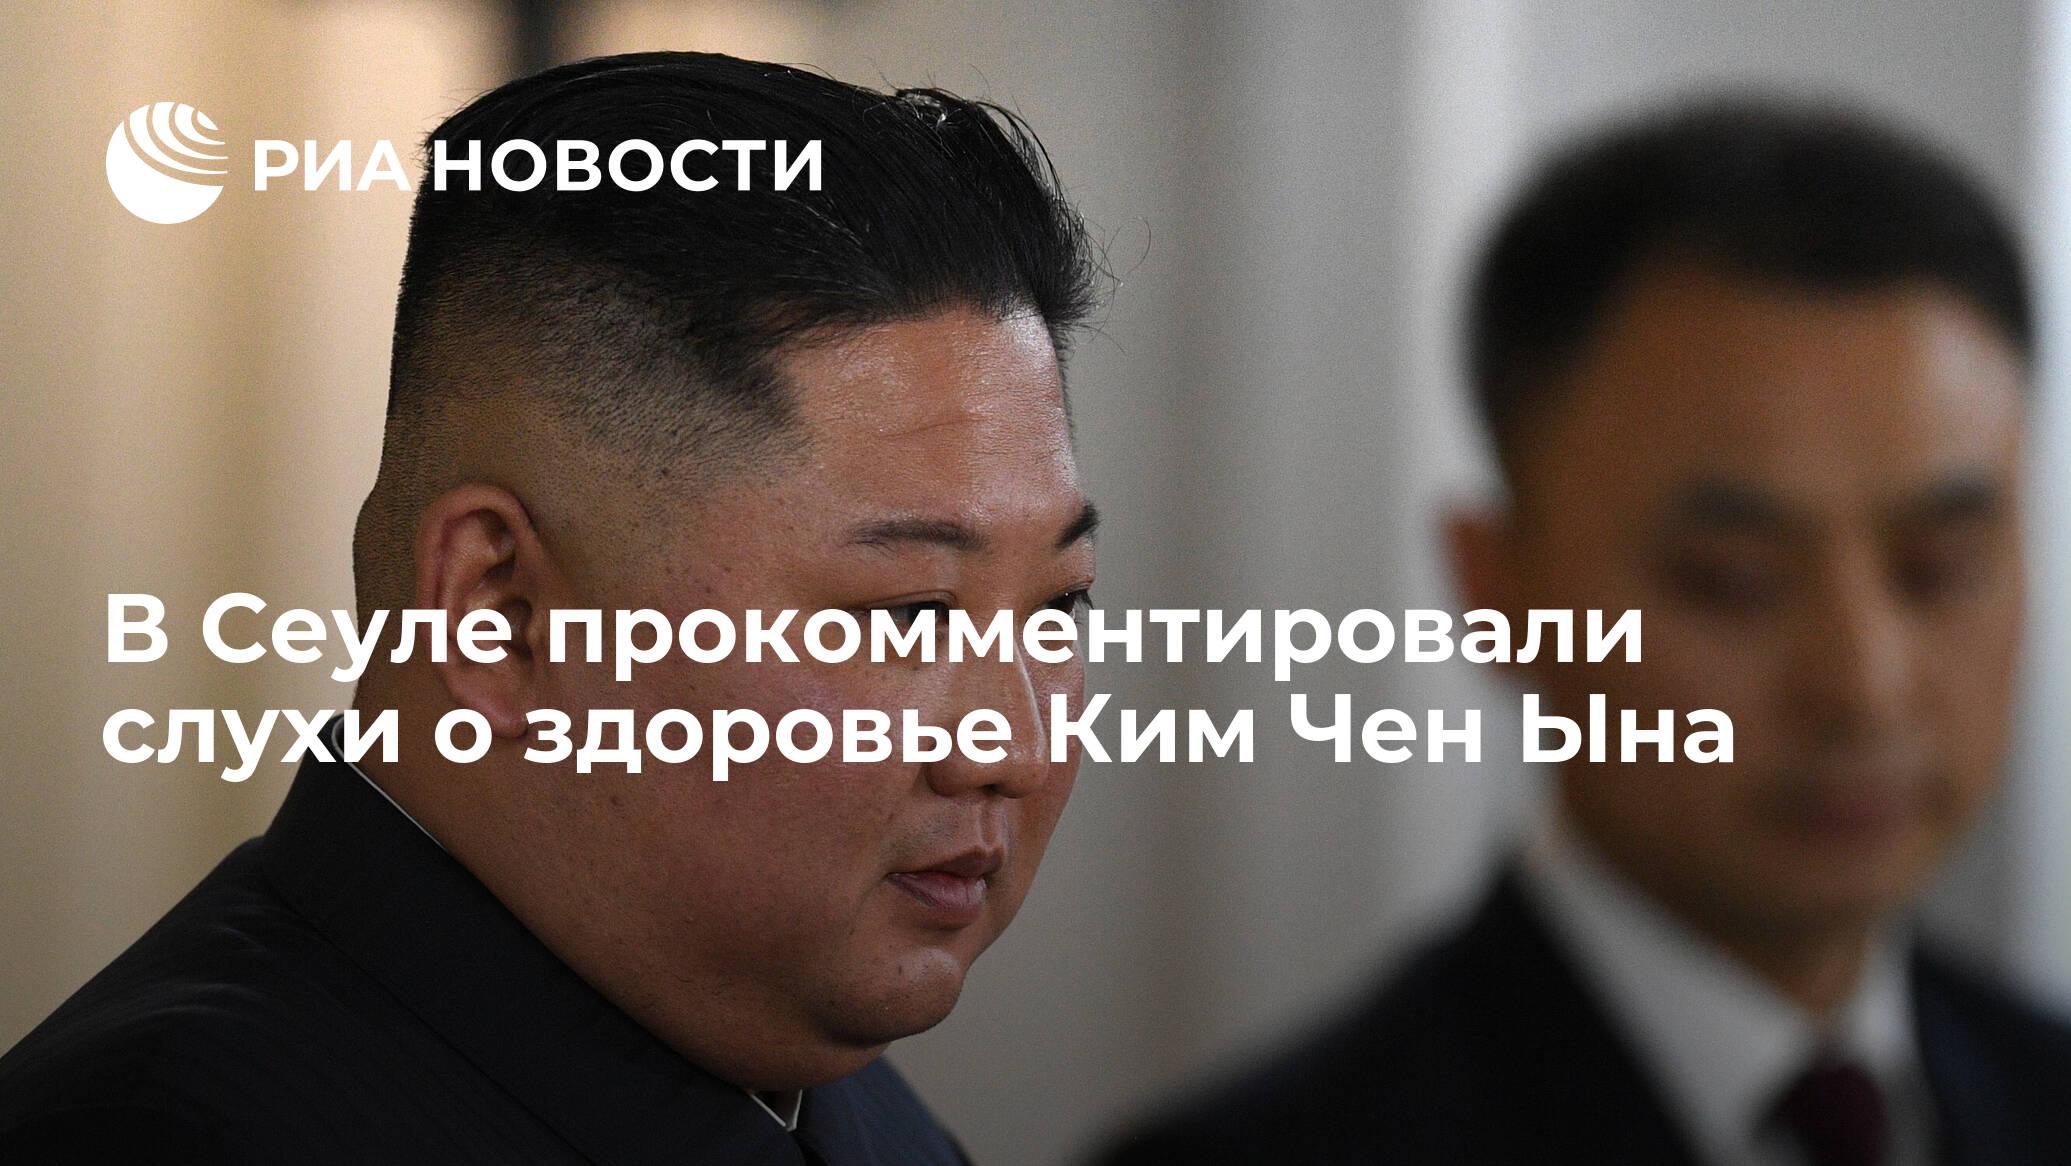 В Сеуле прокомментировали слухи о здоровье Ким Чен Ына - РИА НОВОСТИ